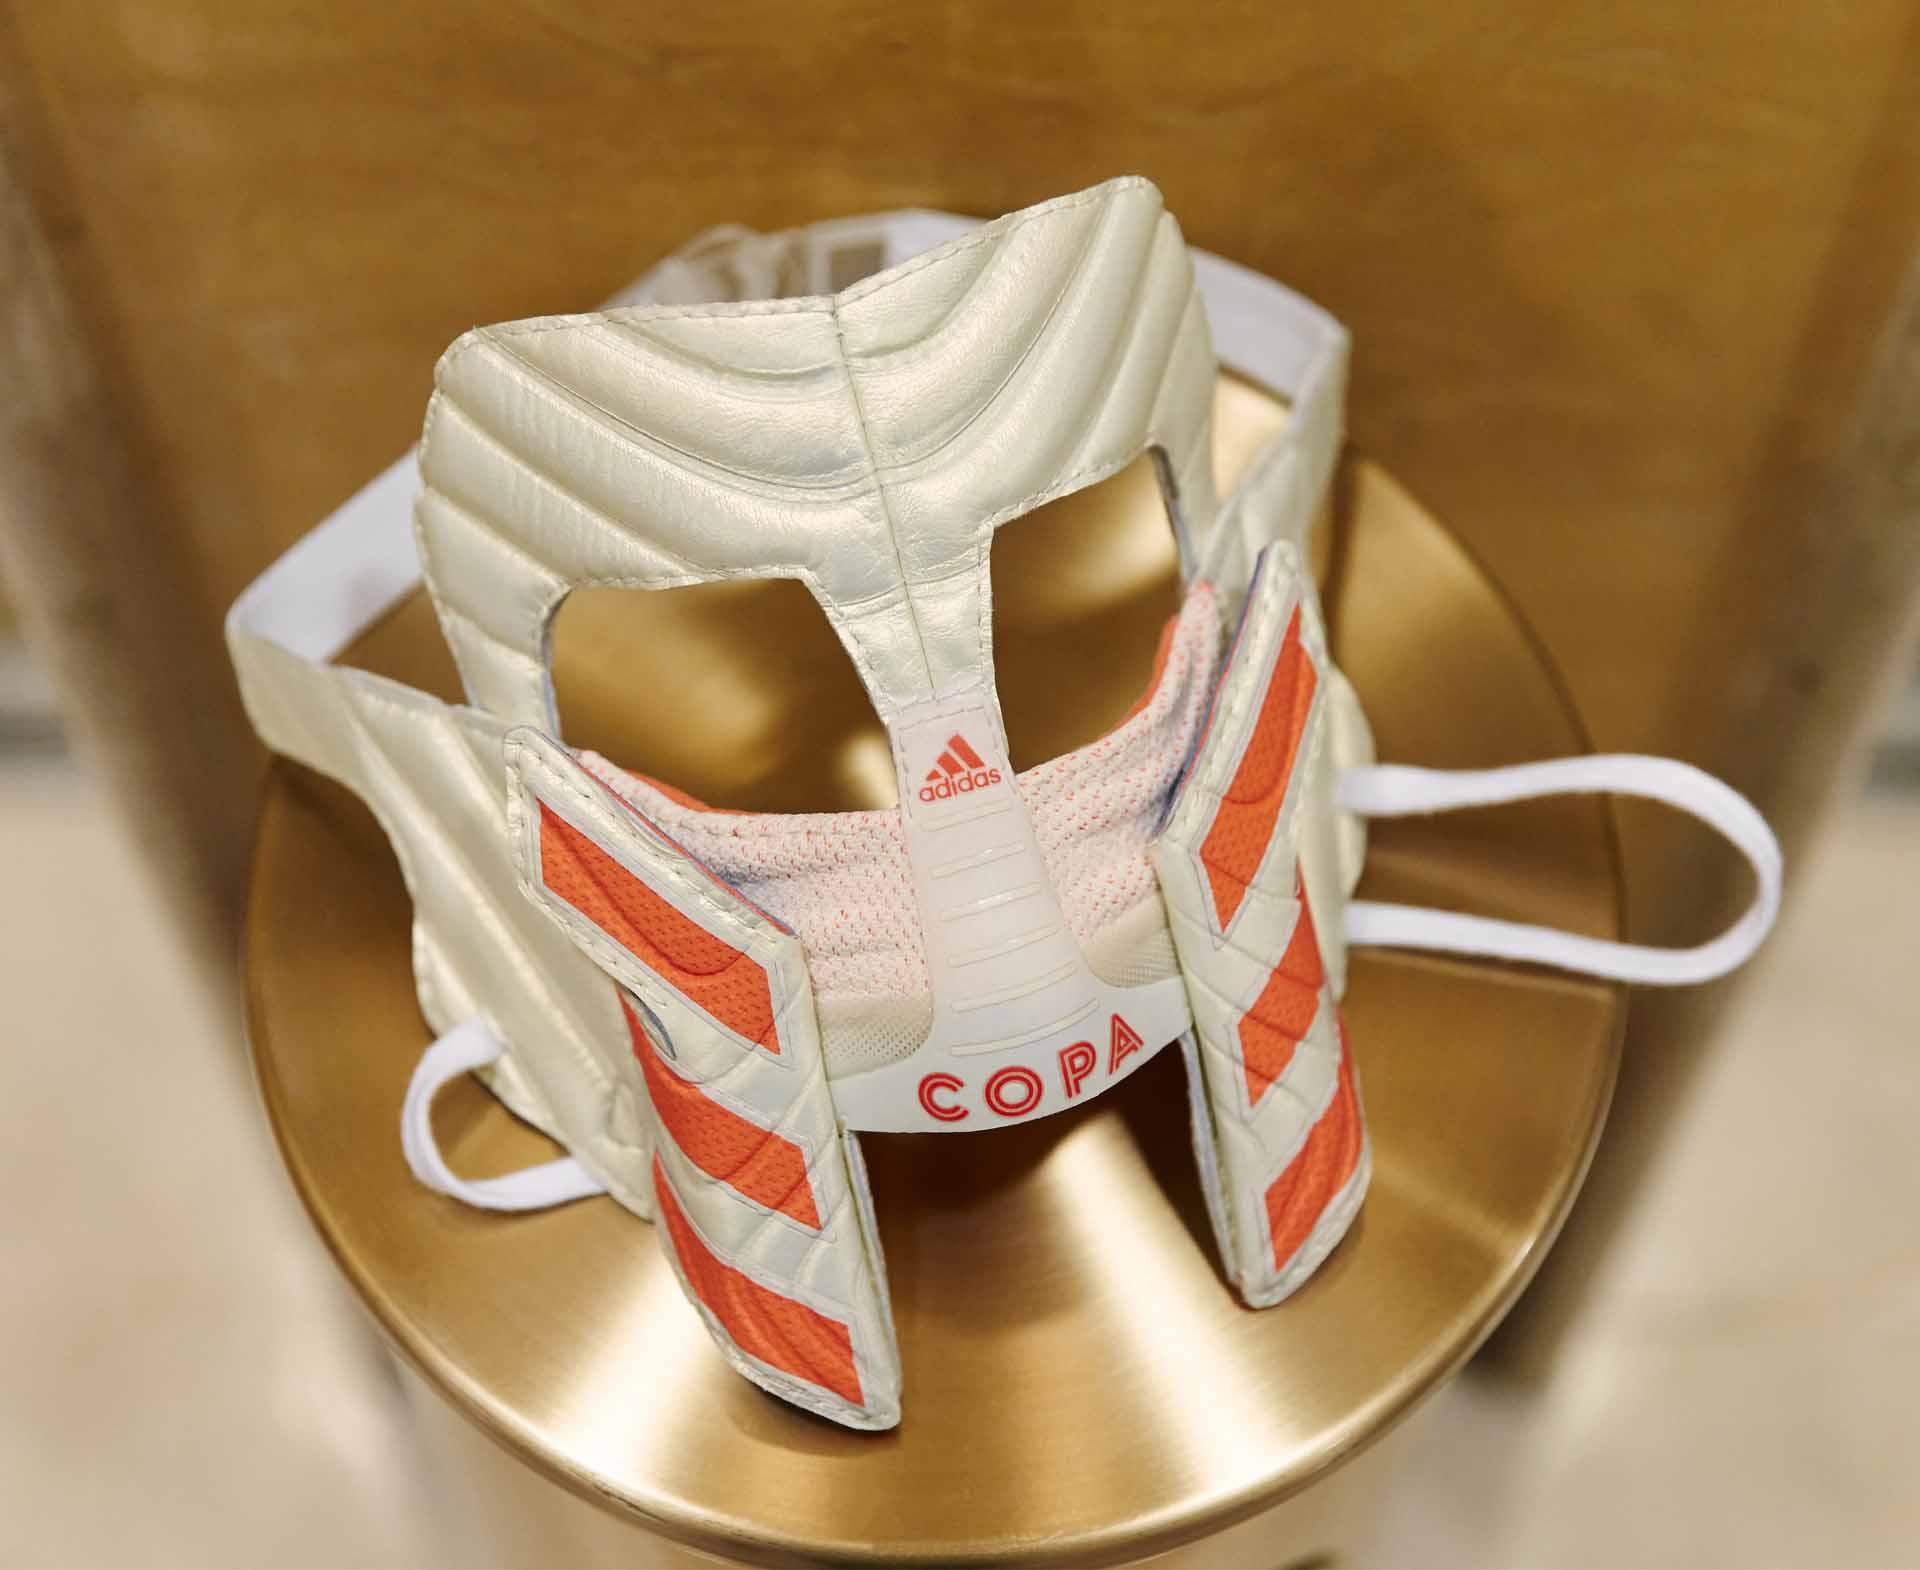 masque-gladiateur-paulo-dybala-adidas-copa-19-3